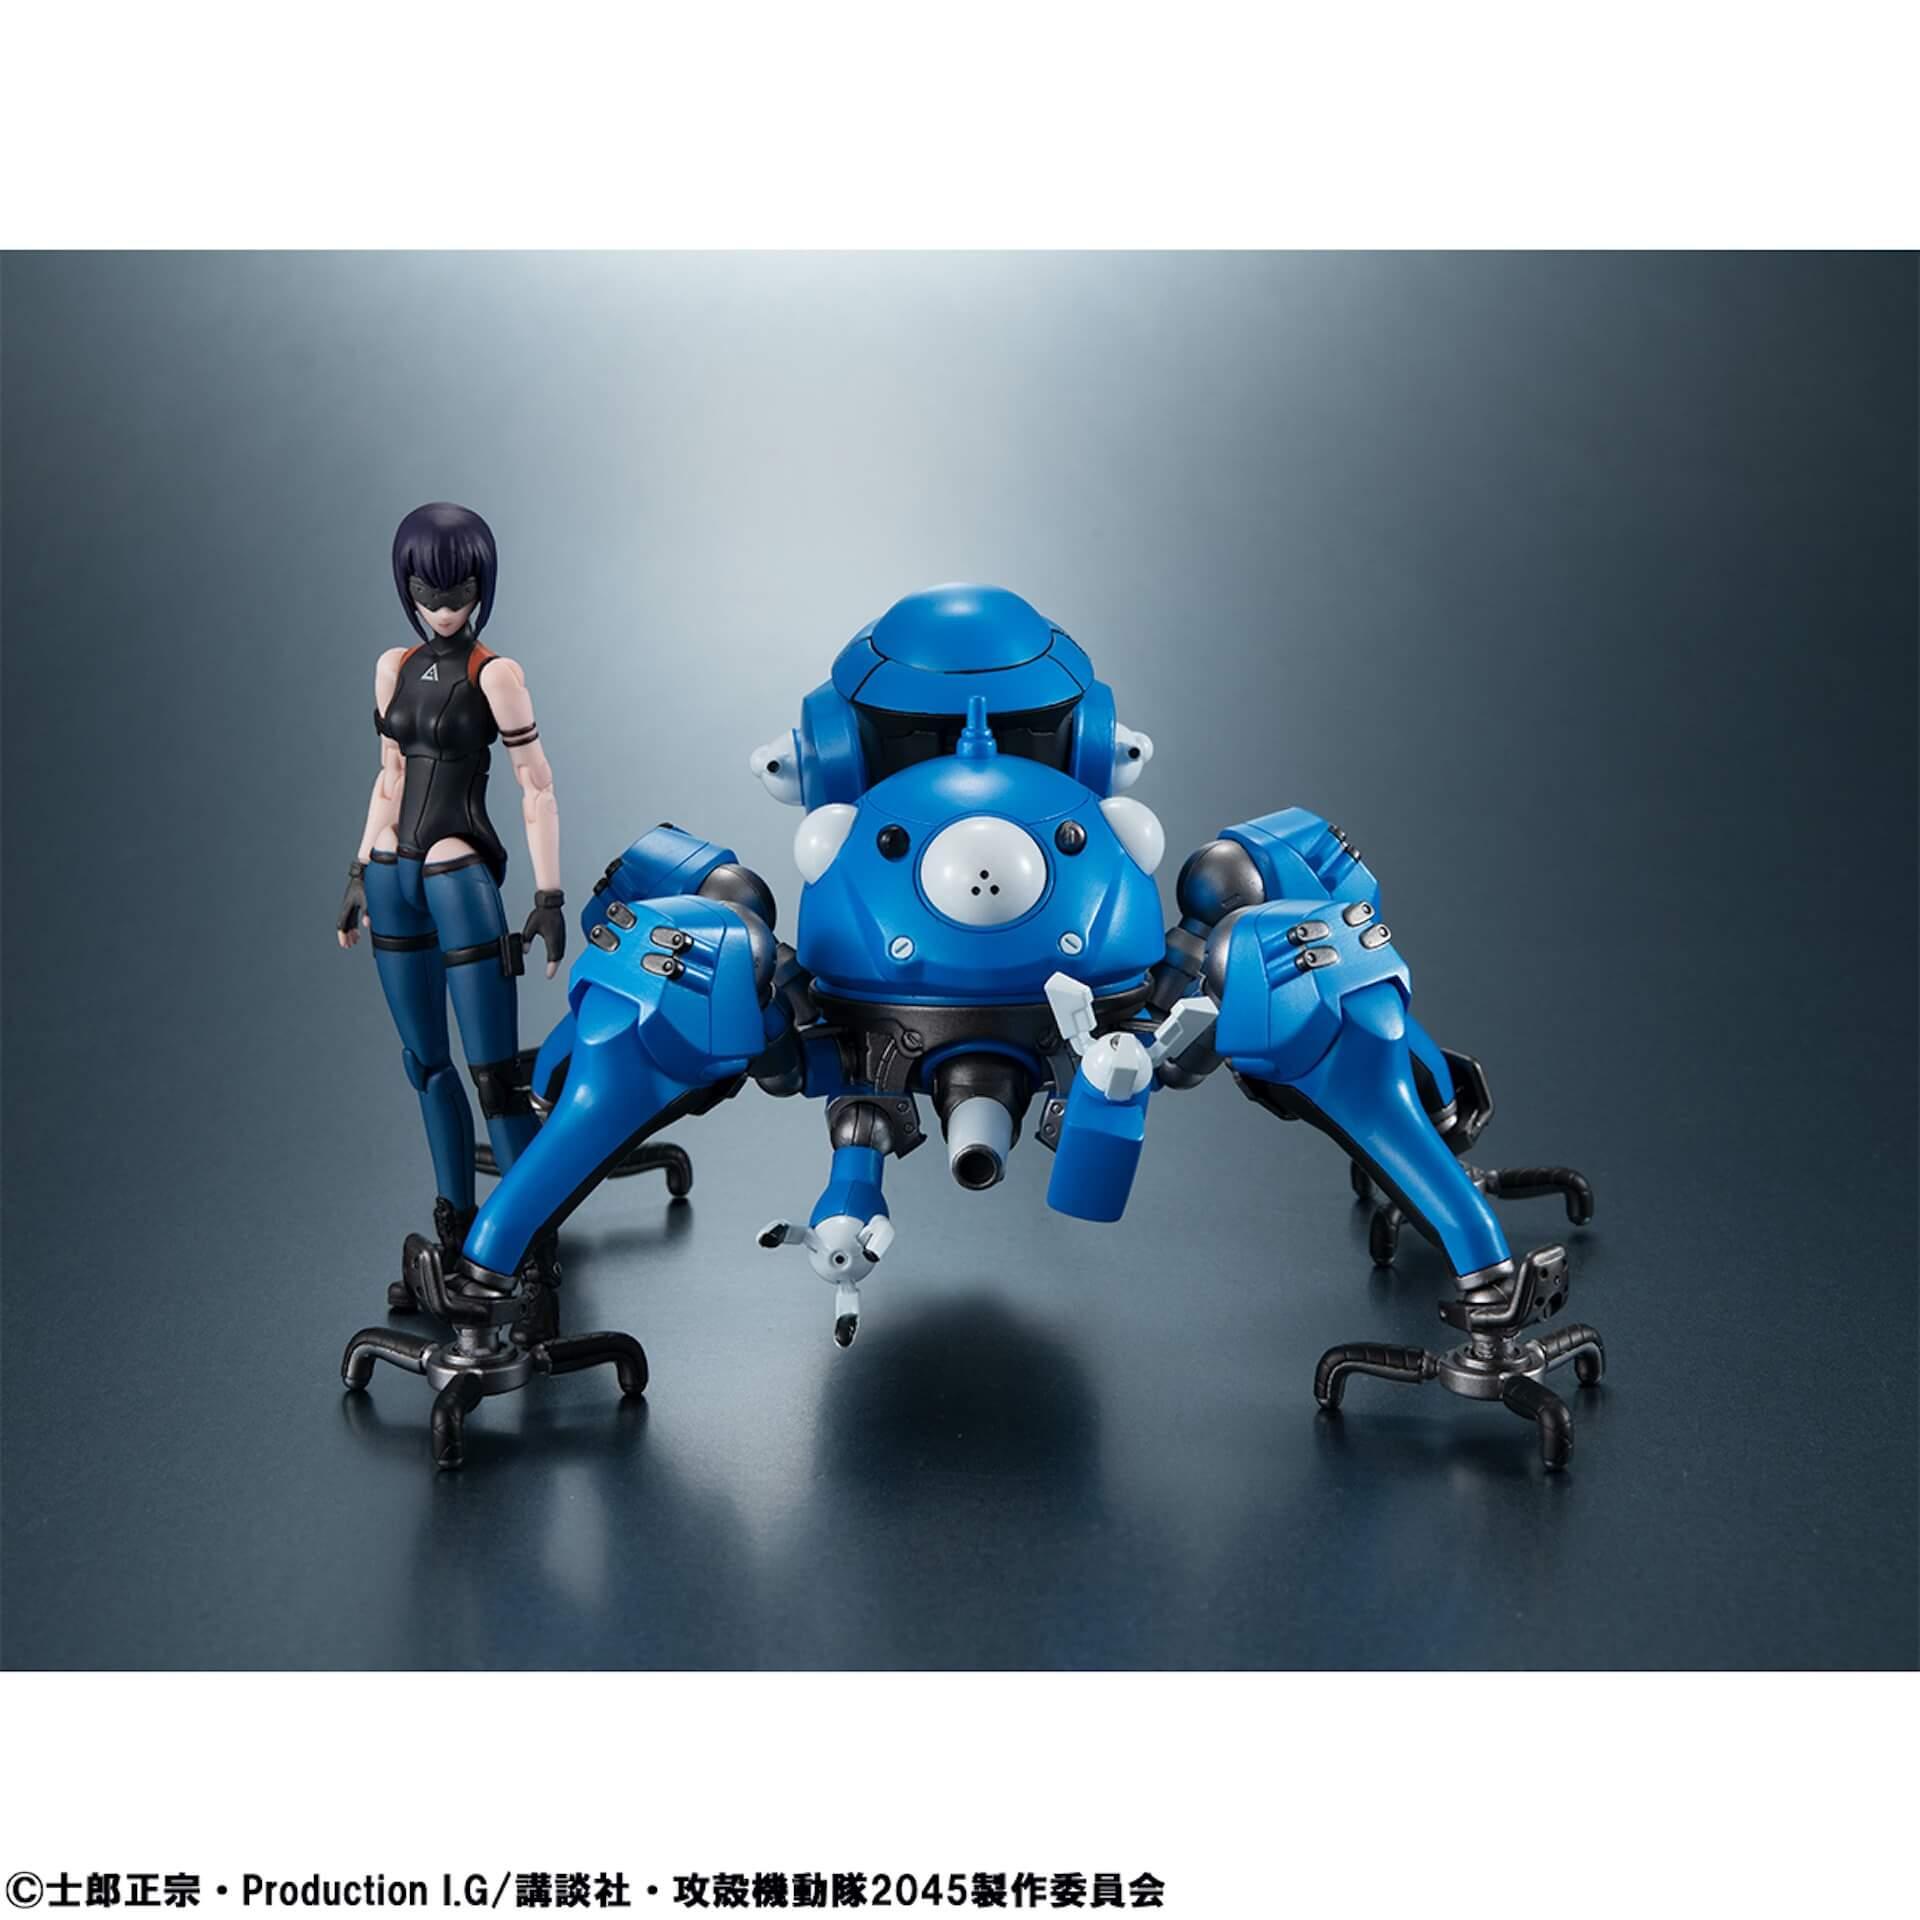 豊富なギミックありの『攻殻機動隊 SAC_2045』タチコマフィギュアがメガハウスから登場!背面ポッドに少佐が搭乗可能 ac200701_tachikoma_figure_02